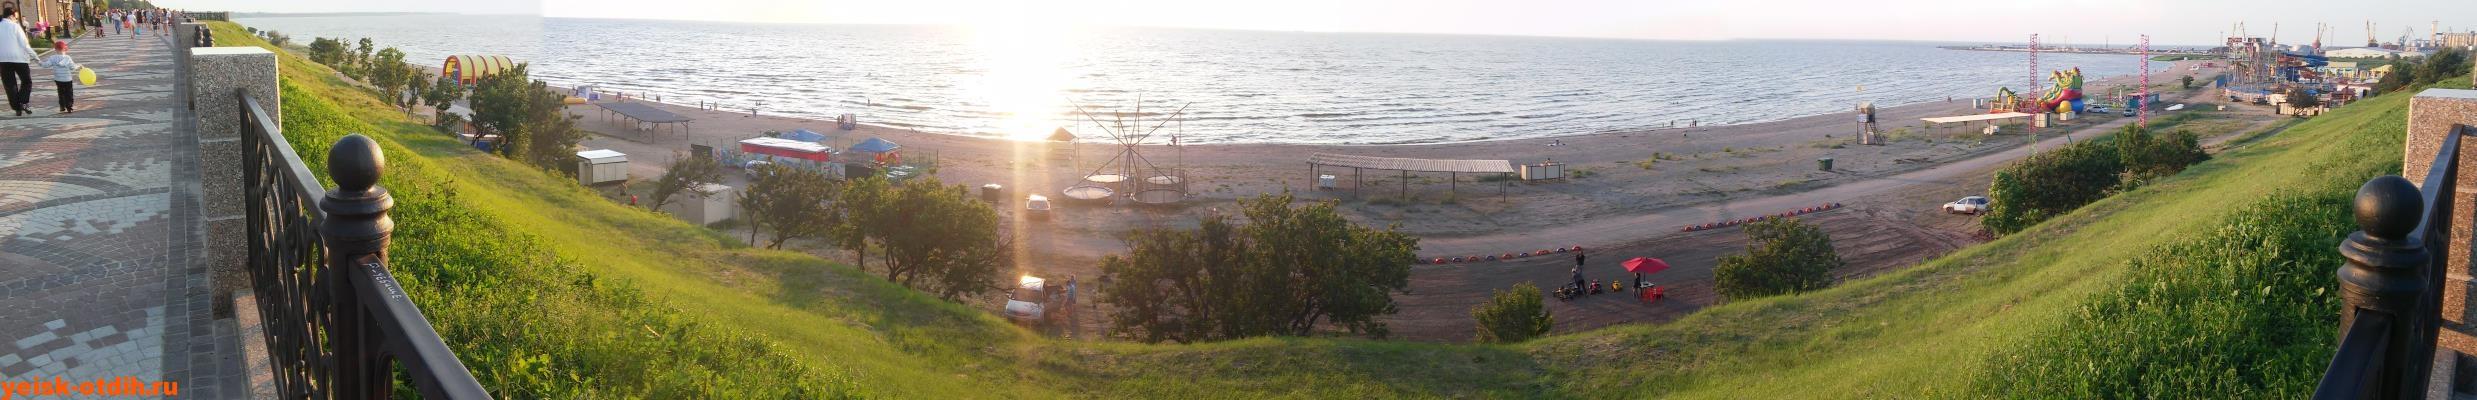 Панорама пляжа Каменка Ейск Азовское море